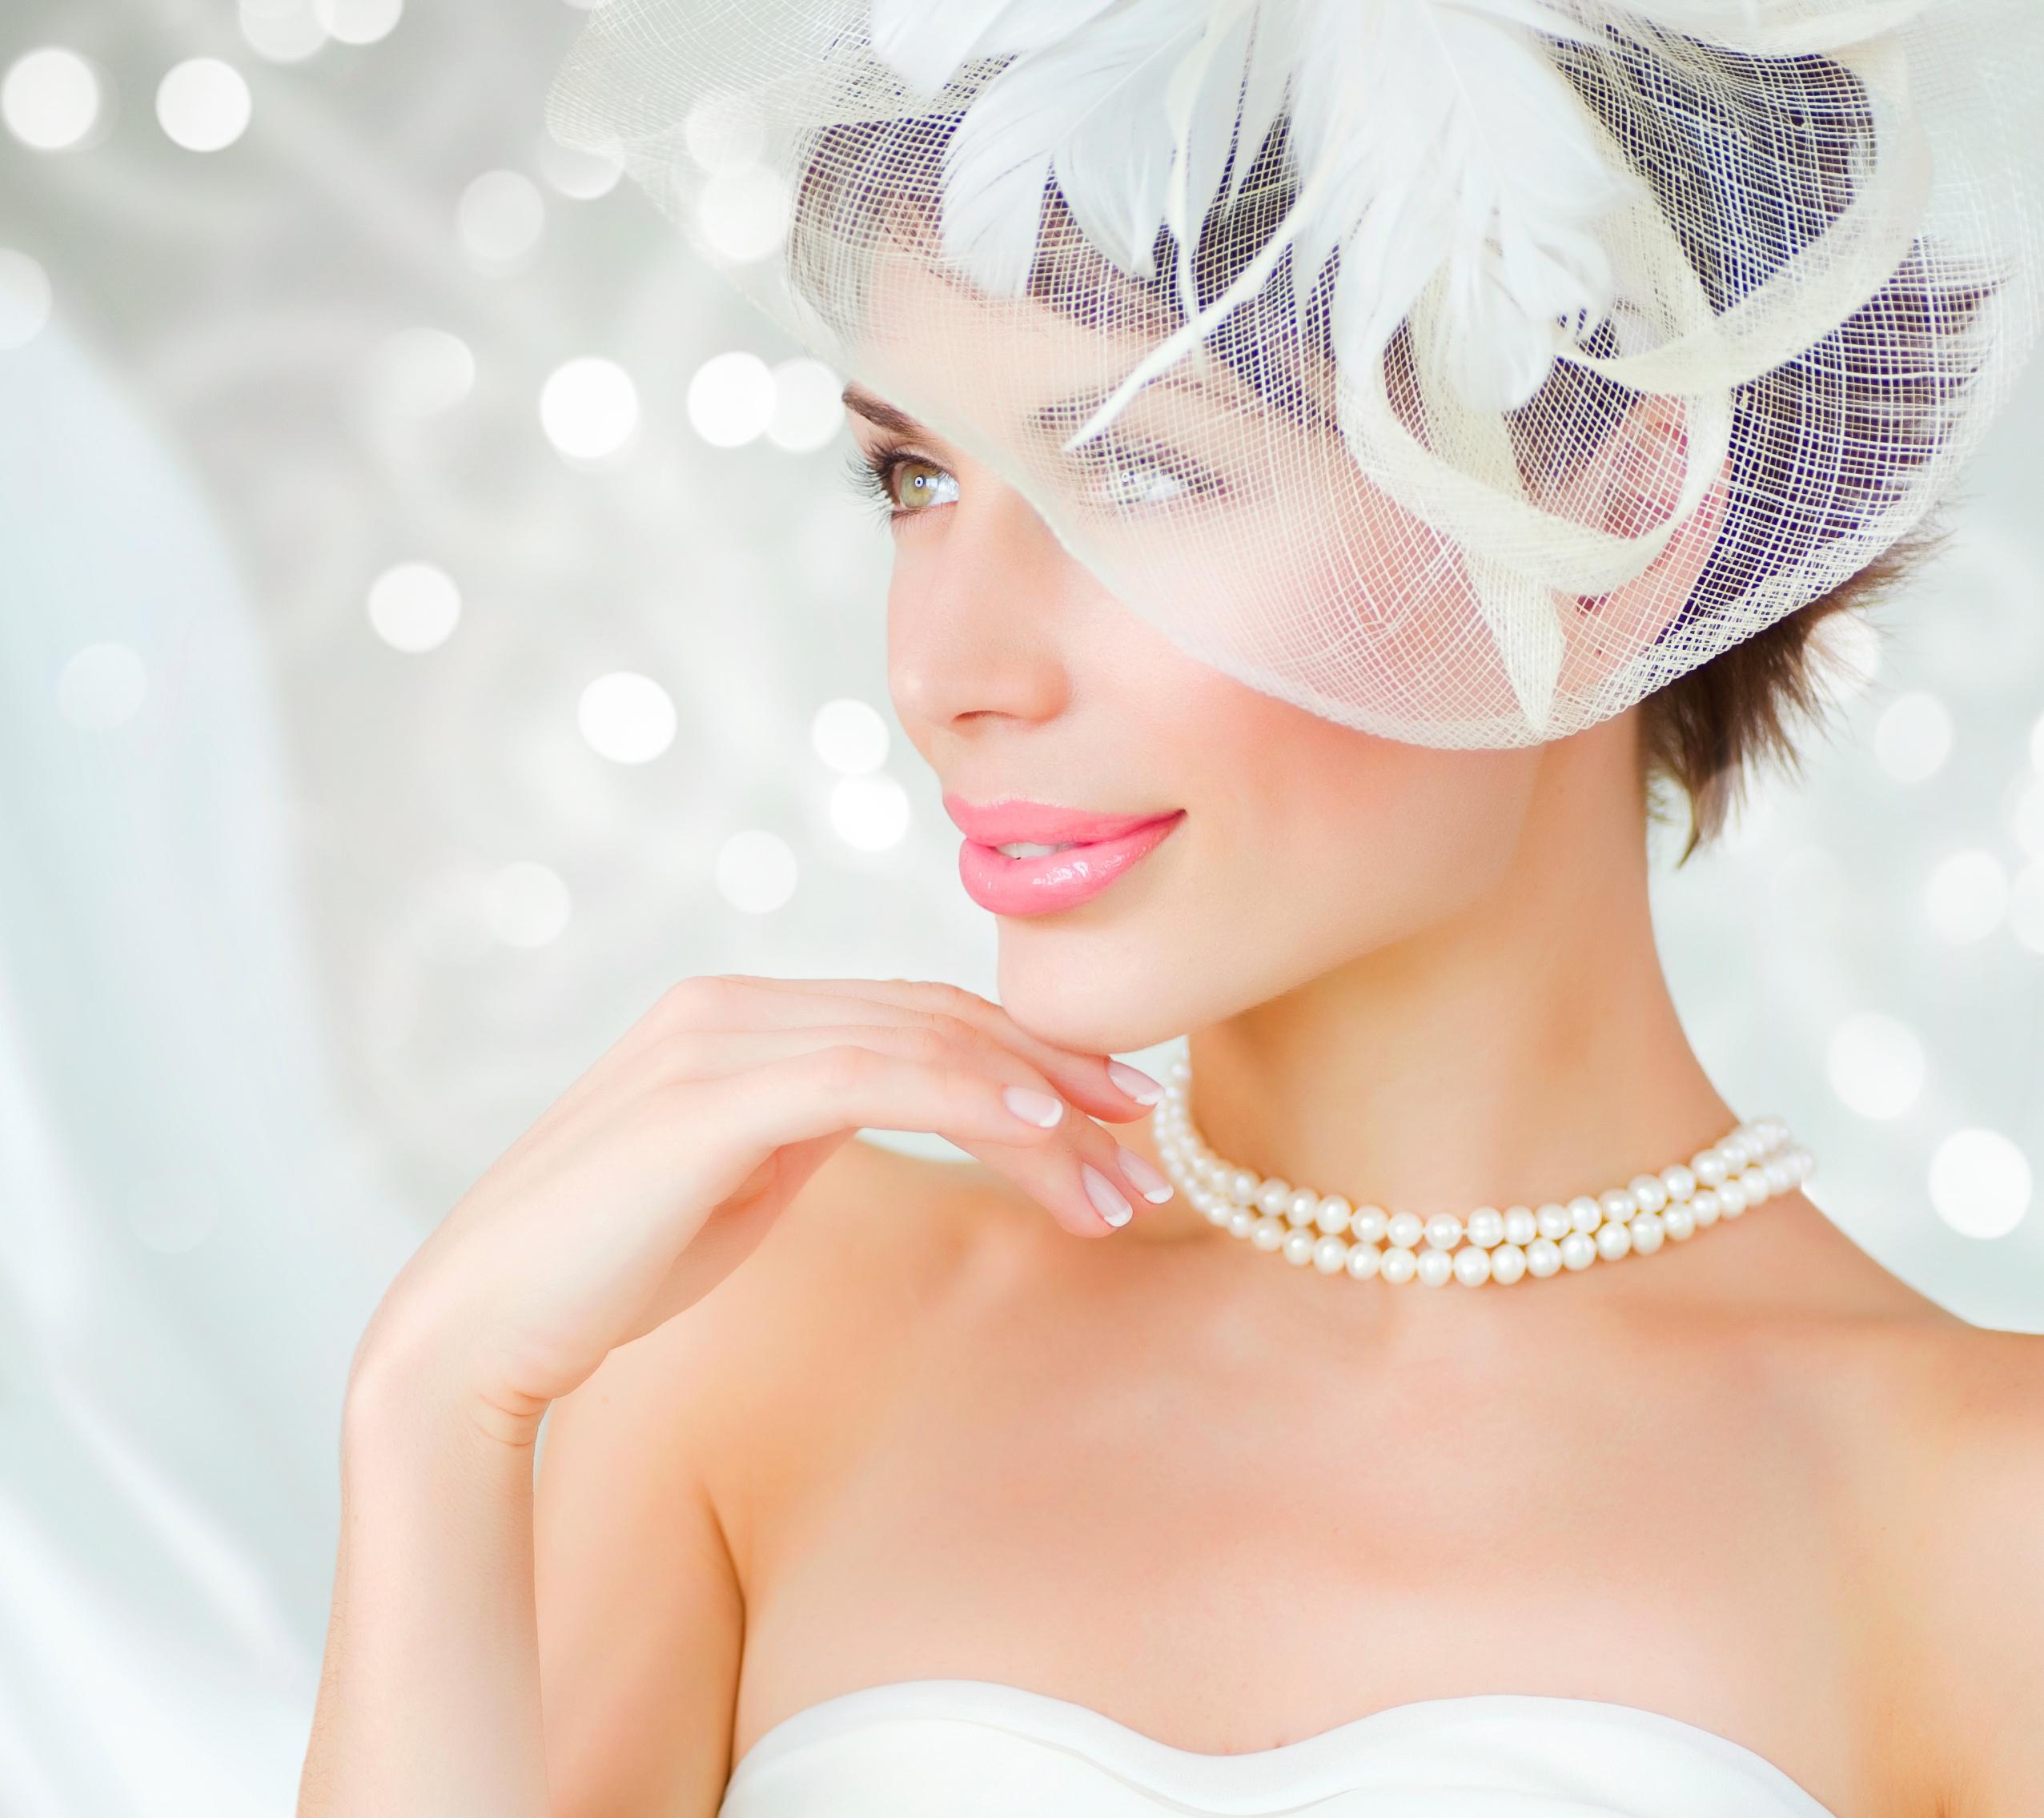 cremona sposi, organizzazione matrimonio cremona